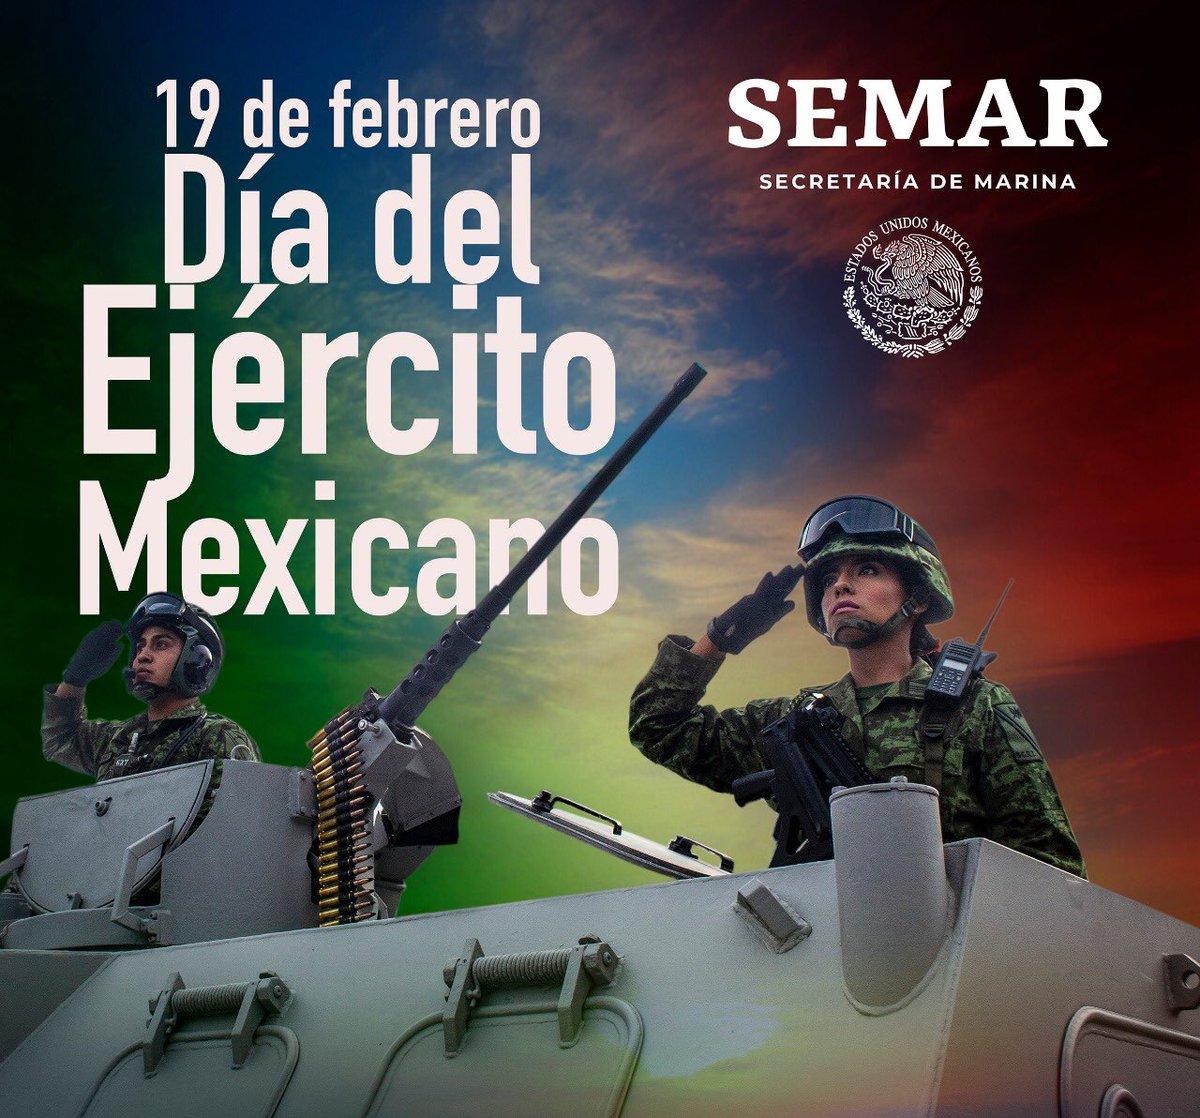 Este #DíaDelEjércitoMexicano hago extensiva la felicitación a mujeres y hombres valerosos, hermanos de armas, integrantes del Ejército Mexicano cuya vocación es ¡Servir a México!